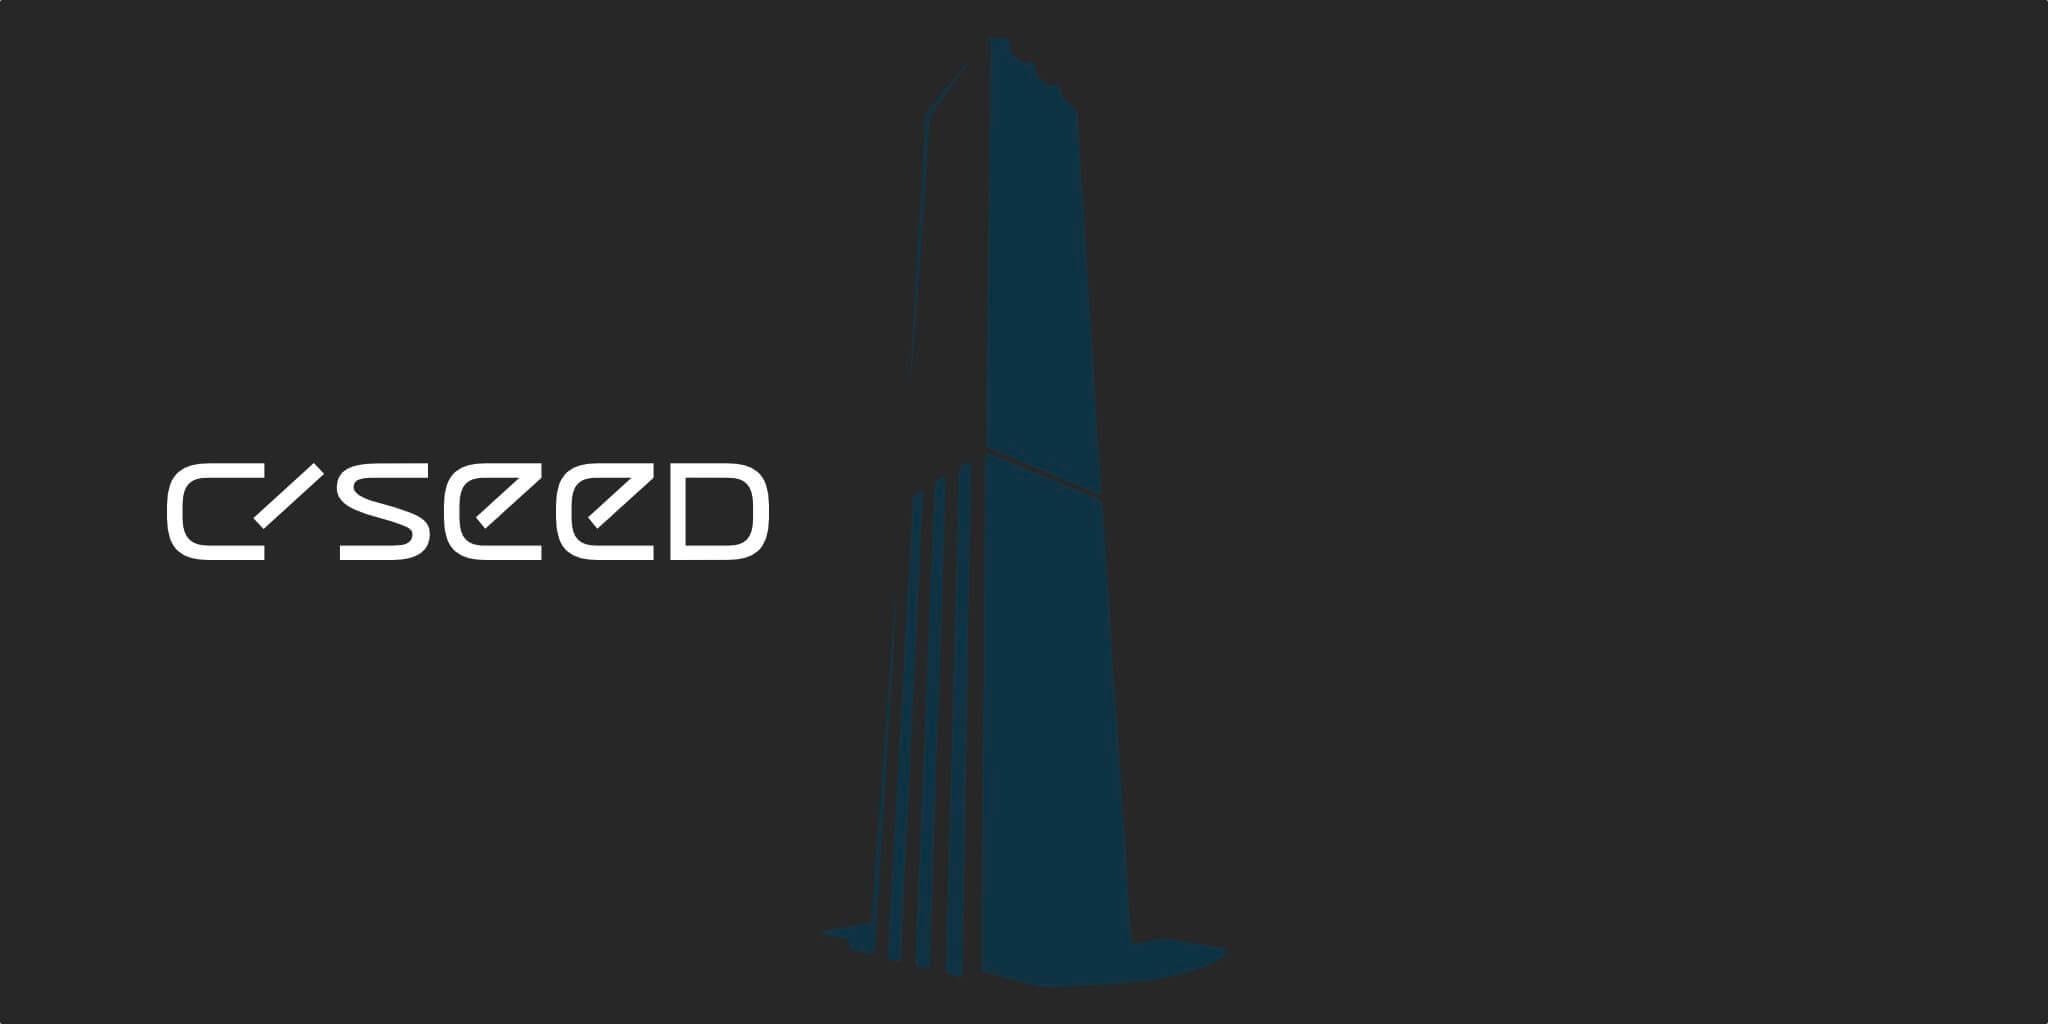 C SEED Logo Column JPEG_2048x1024_60% tinified